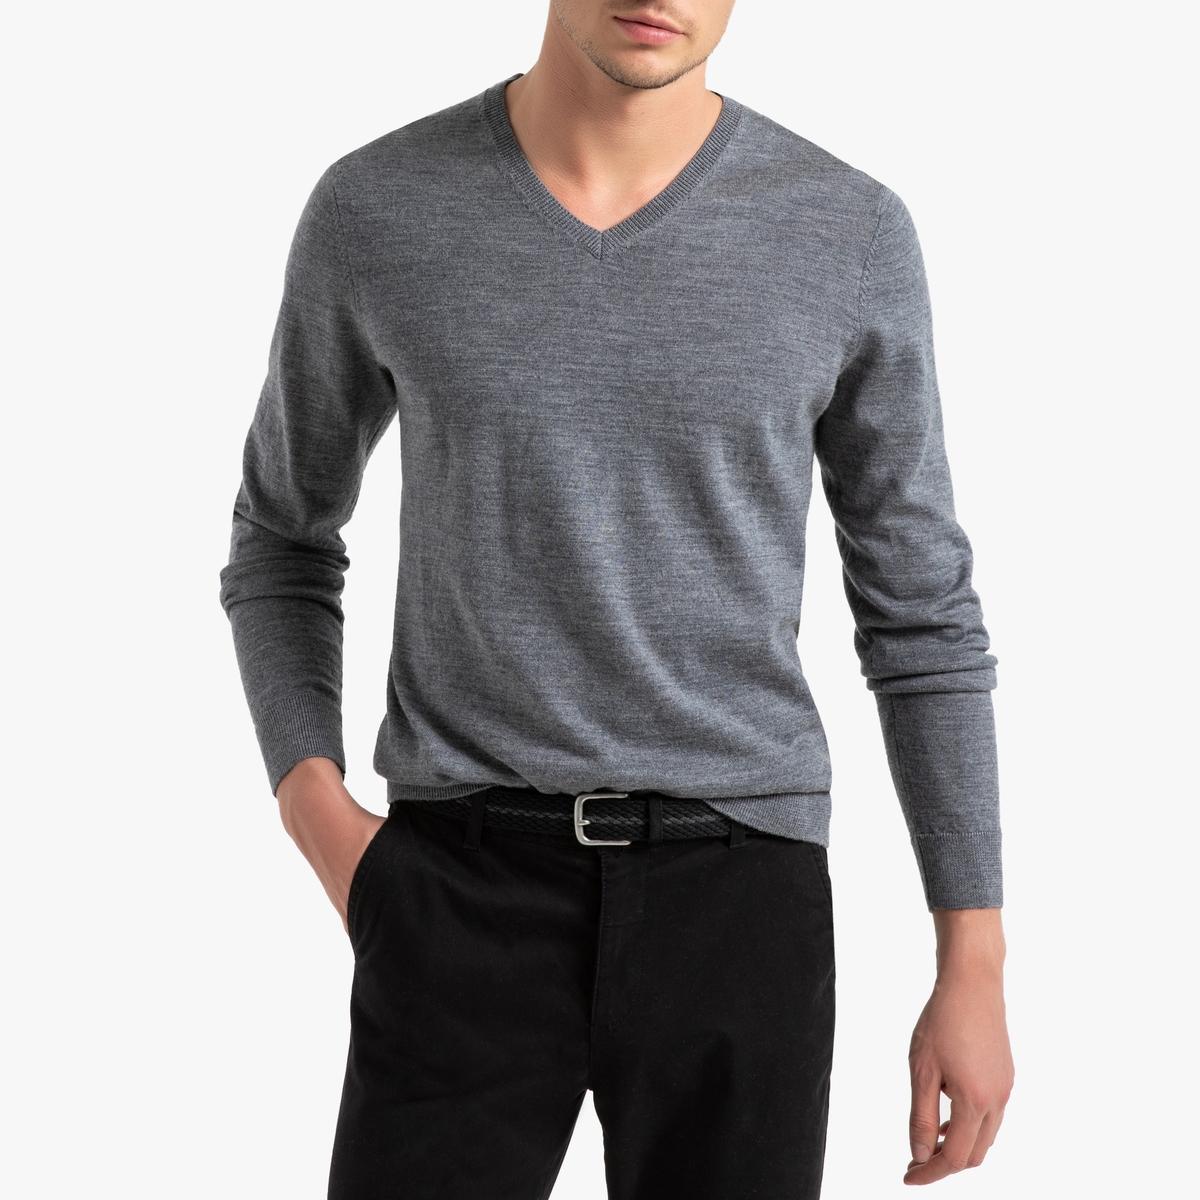 Пуловер La Redoute С V-образным вырезом из шерсти мериноса Pascal S серый пуловер la redoute с круглым вырезом из шерсти мериноса pascal 3xl черный